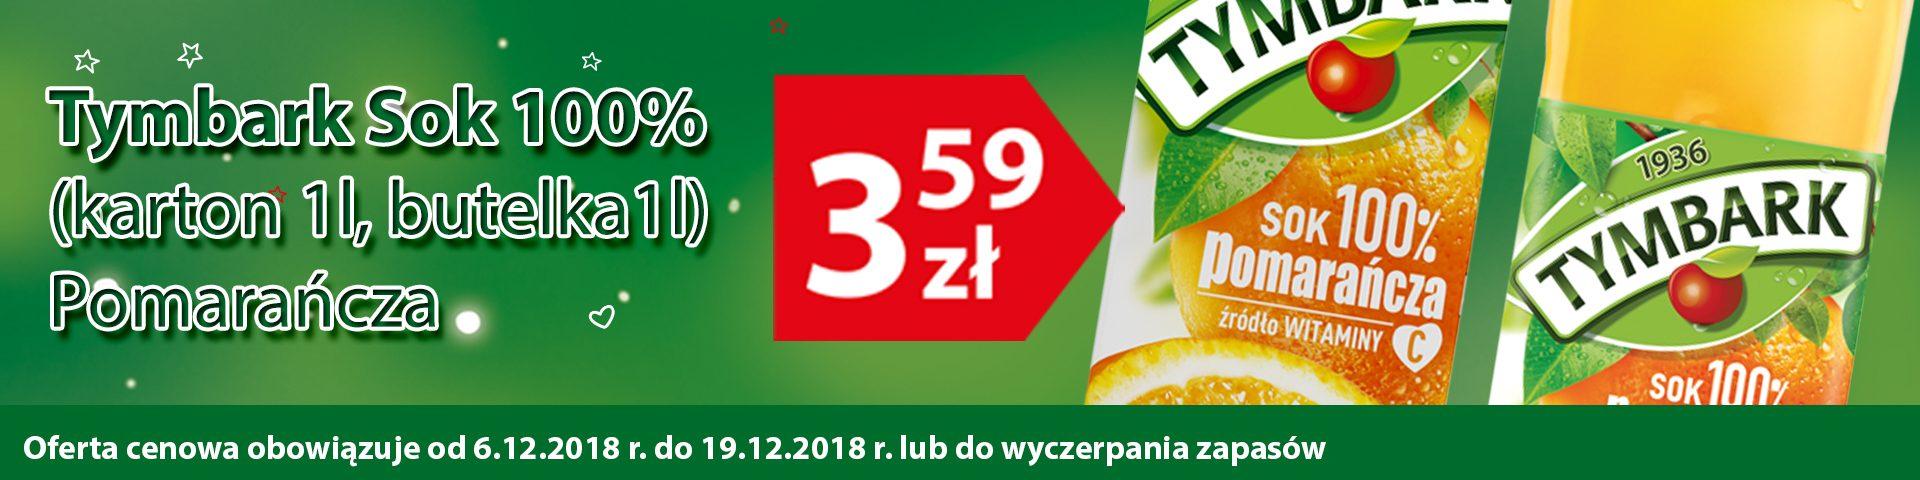 6-19.12.2018 tymbark 100% pomarańcza